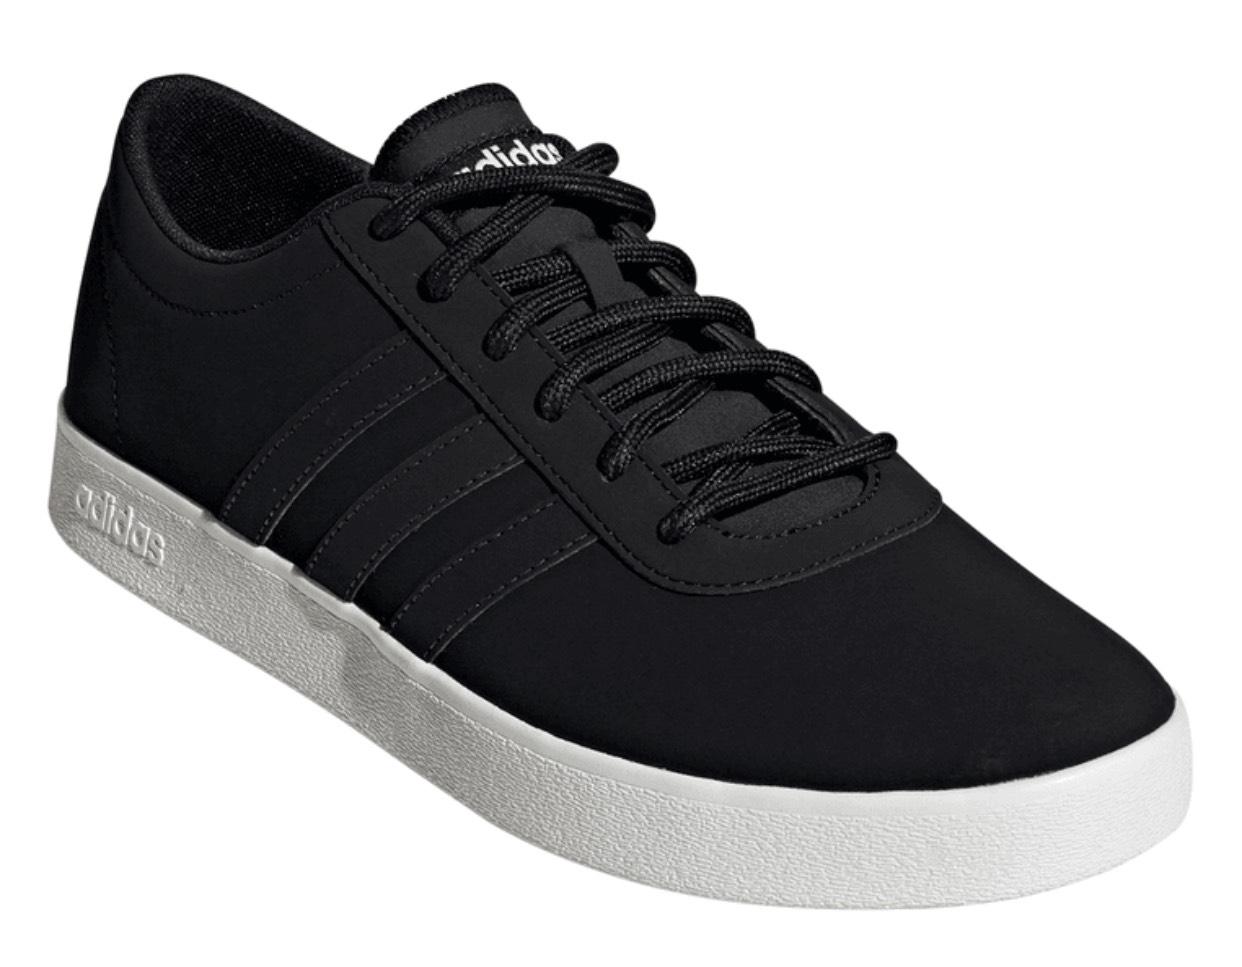 adidas Freizeitschuh Easy Vulc 2.0 schwarz/weiß